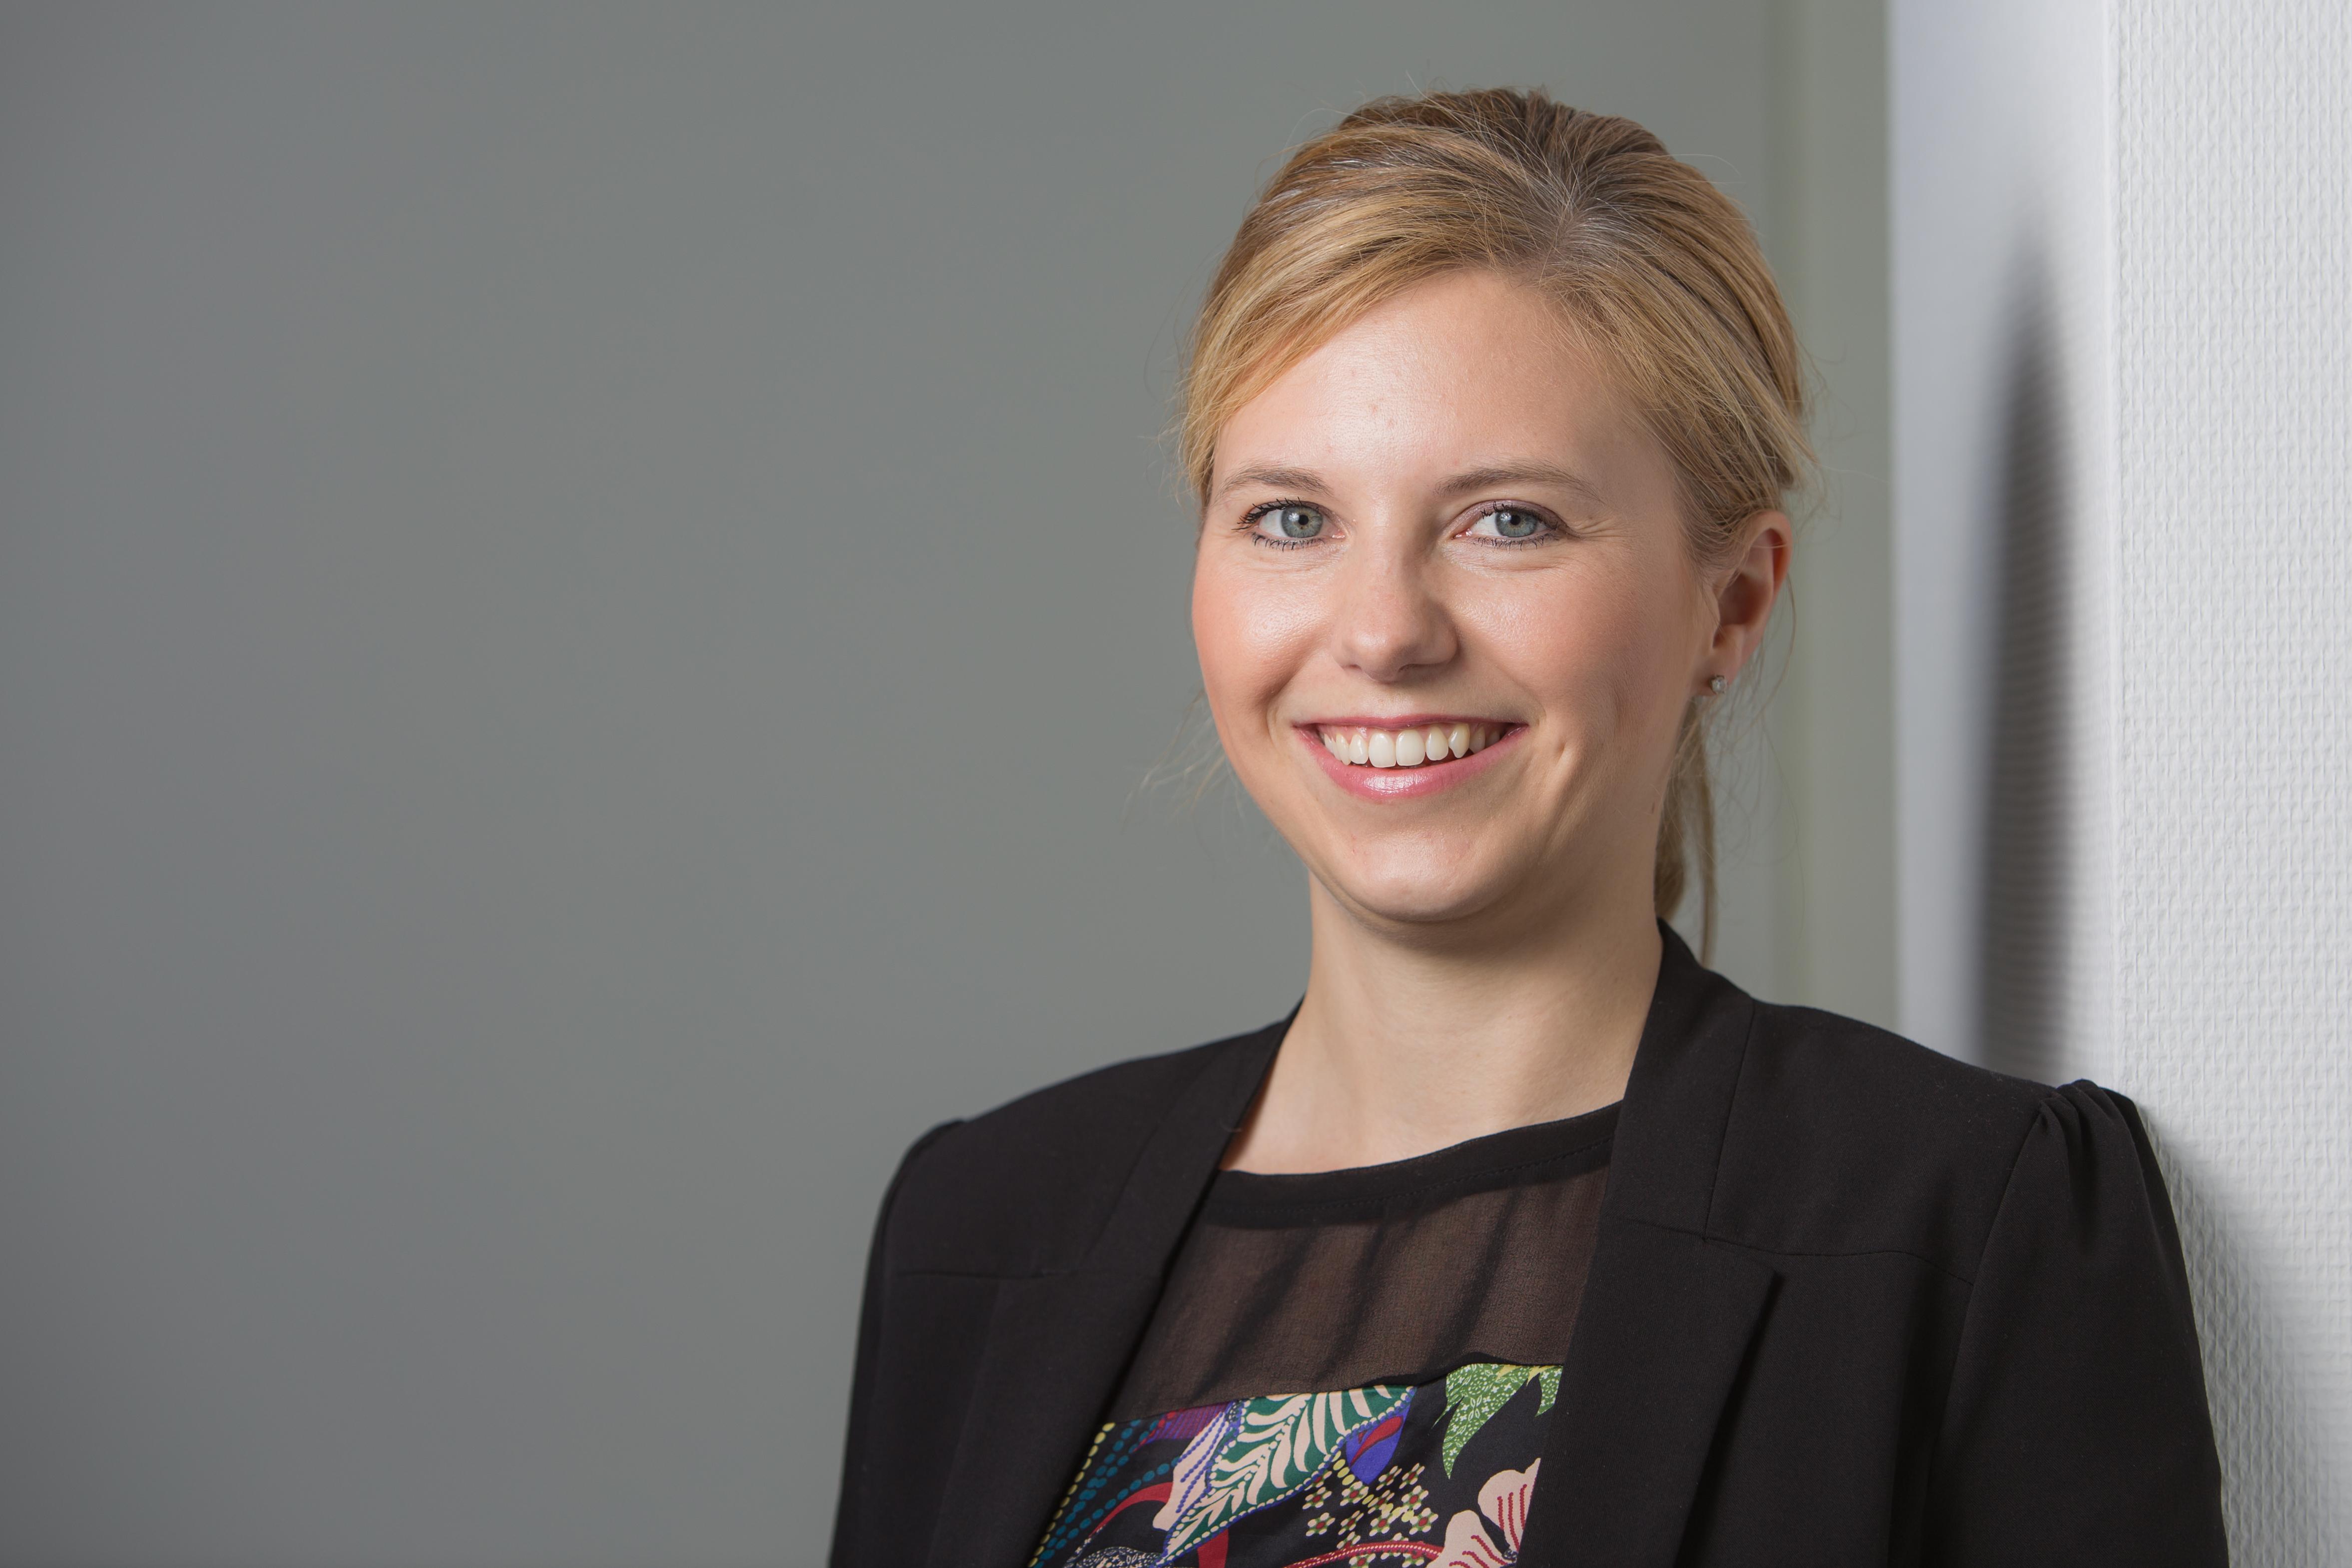 Portrait of Anja Schneider